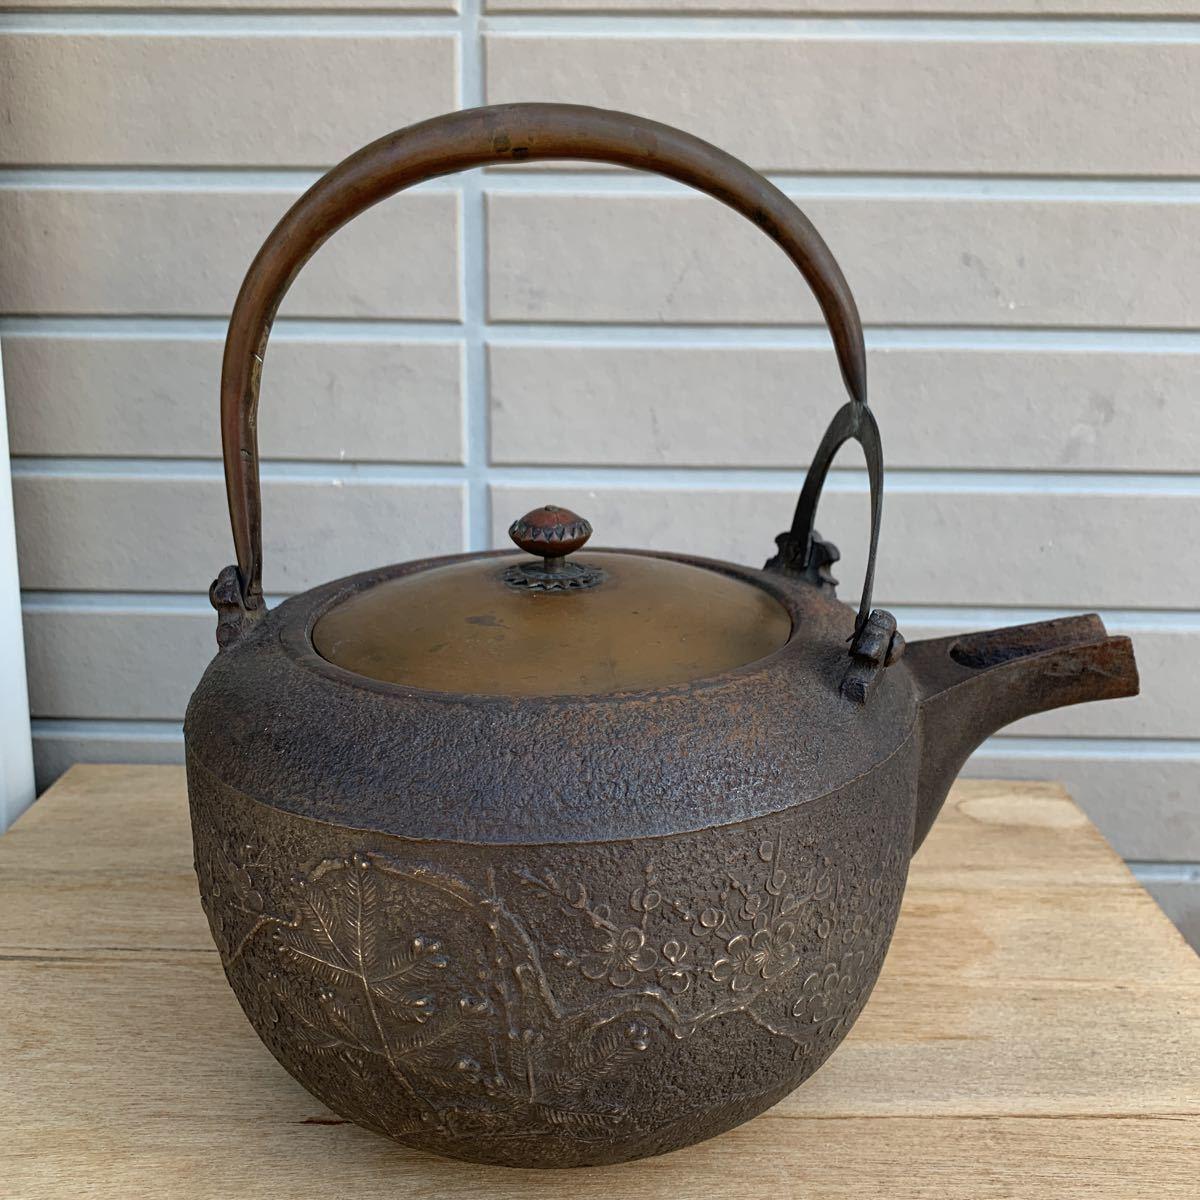 鉄瓶 松図 竹図 梅図 横約27cm 高さ約28cm 蓋唐金(大きさ13.2cm)煎茶道具_画像6